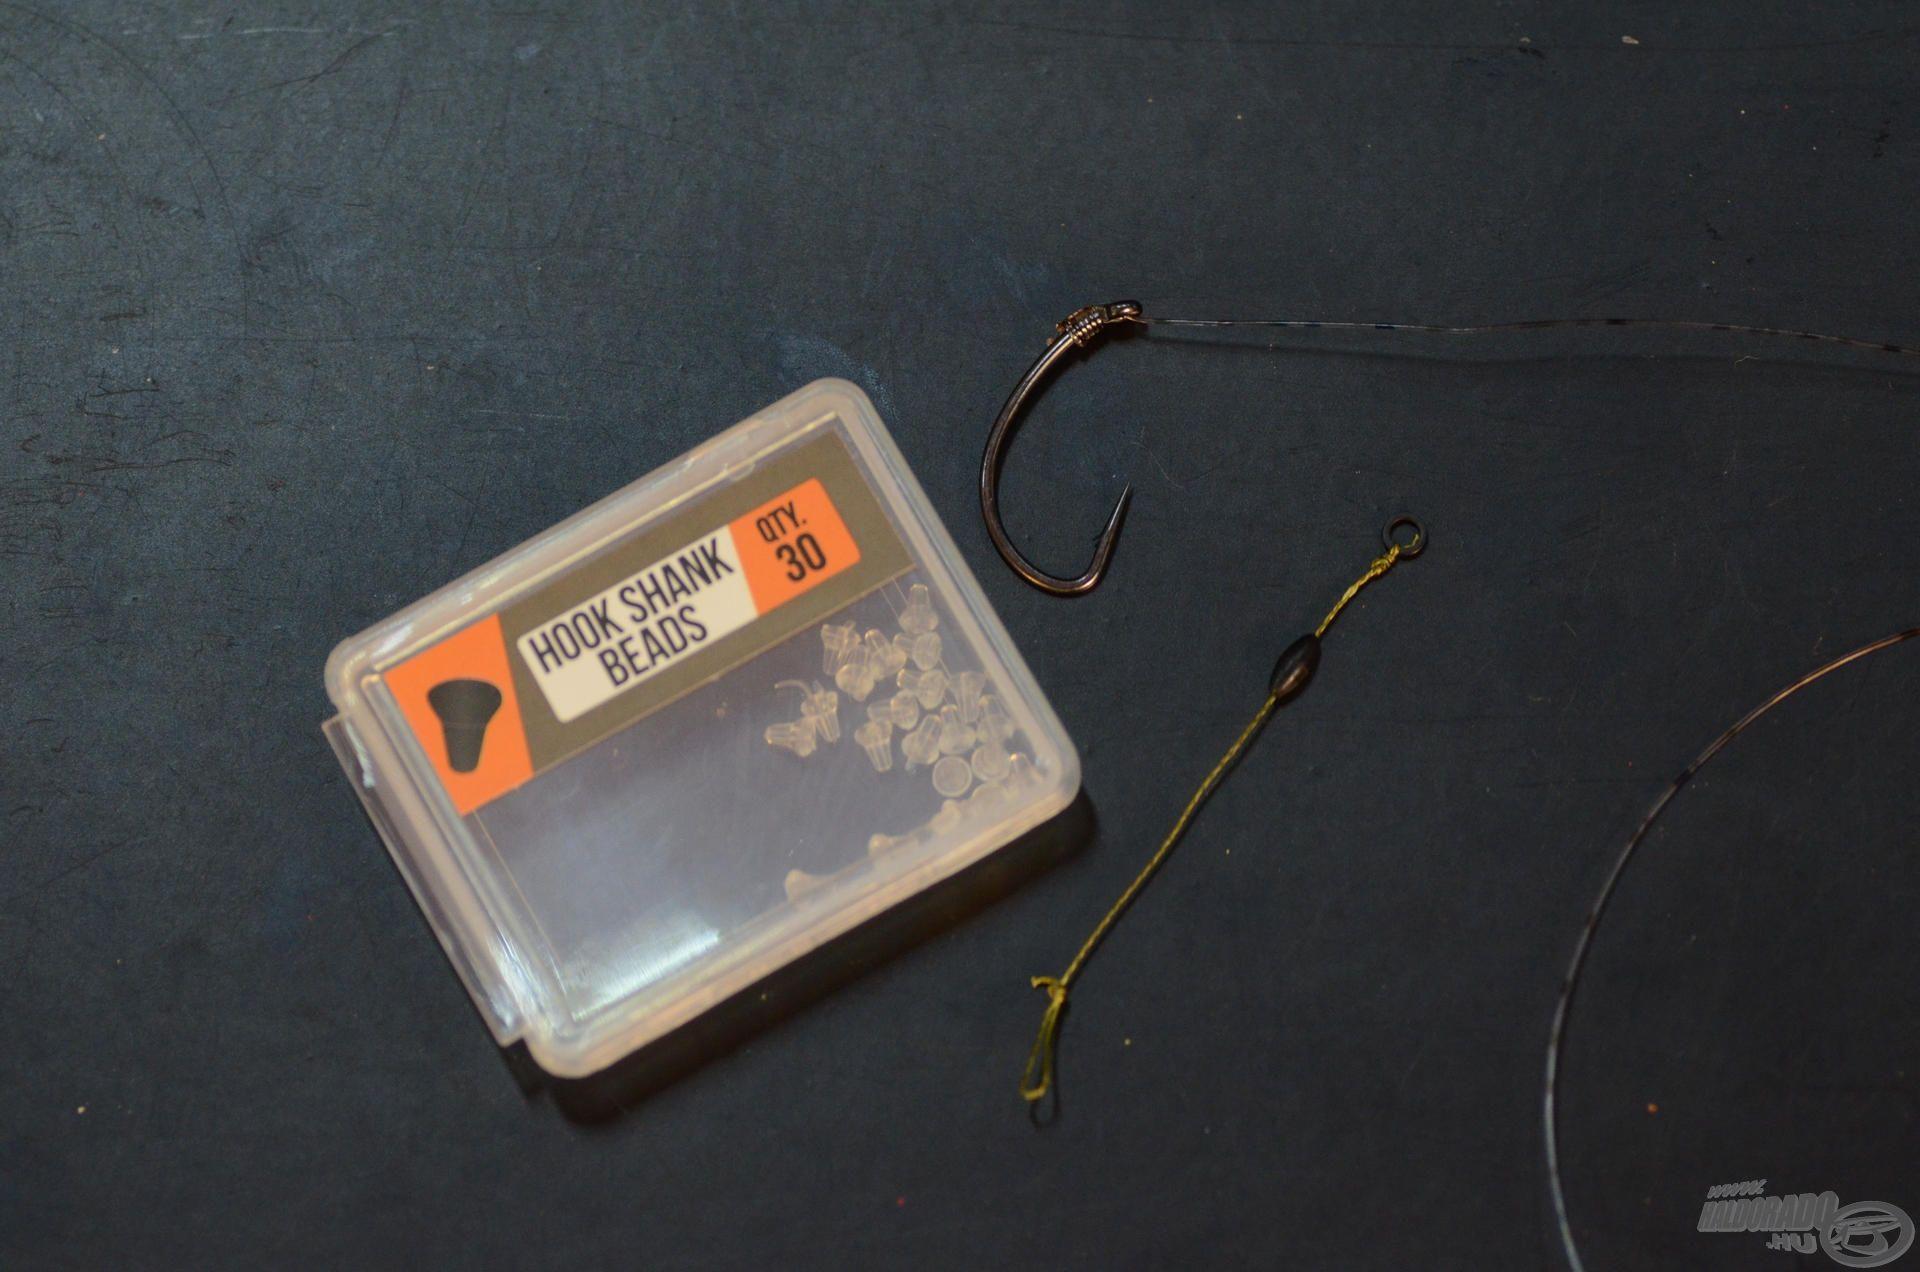 Itt kap szerepet az ötletes kis horog stopper, aminek segítségével párosítom össze a két részt